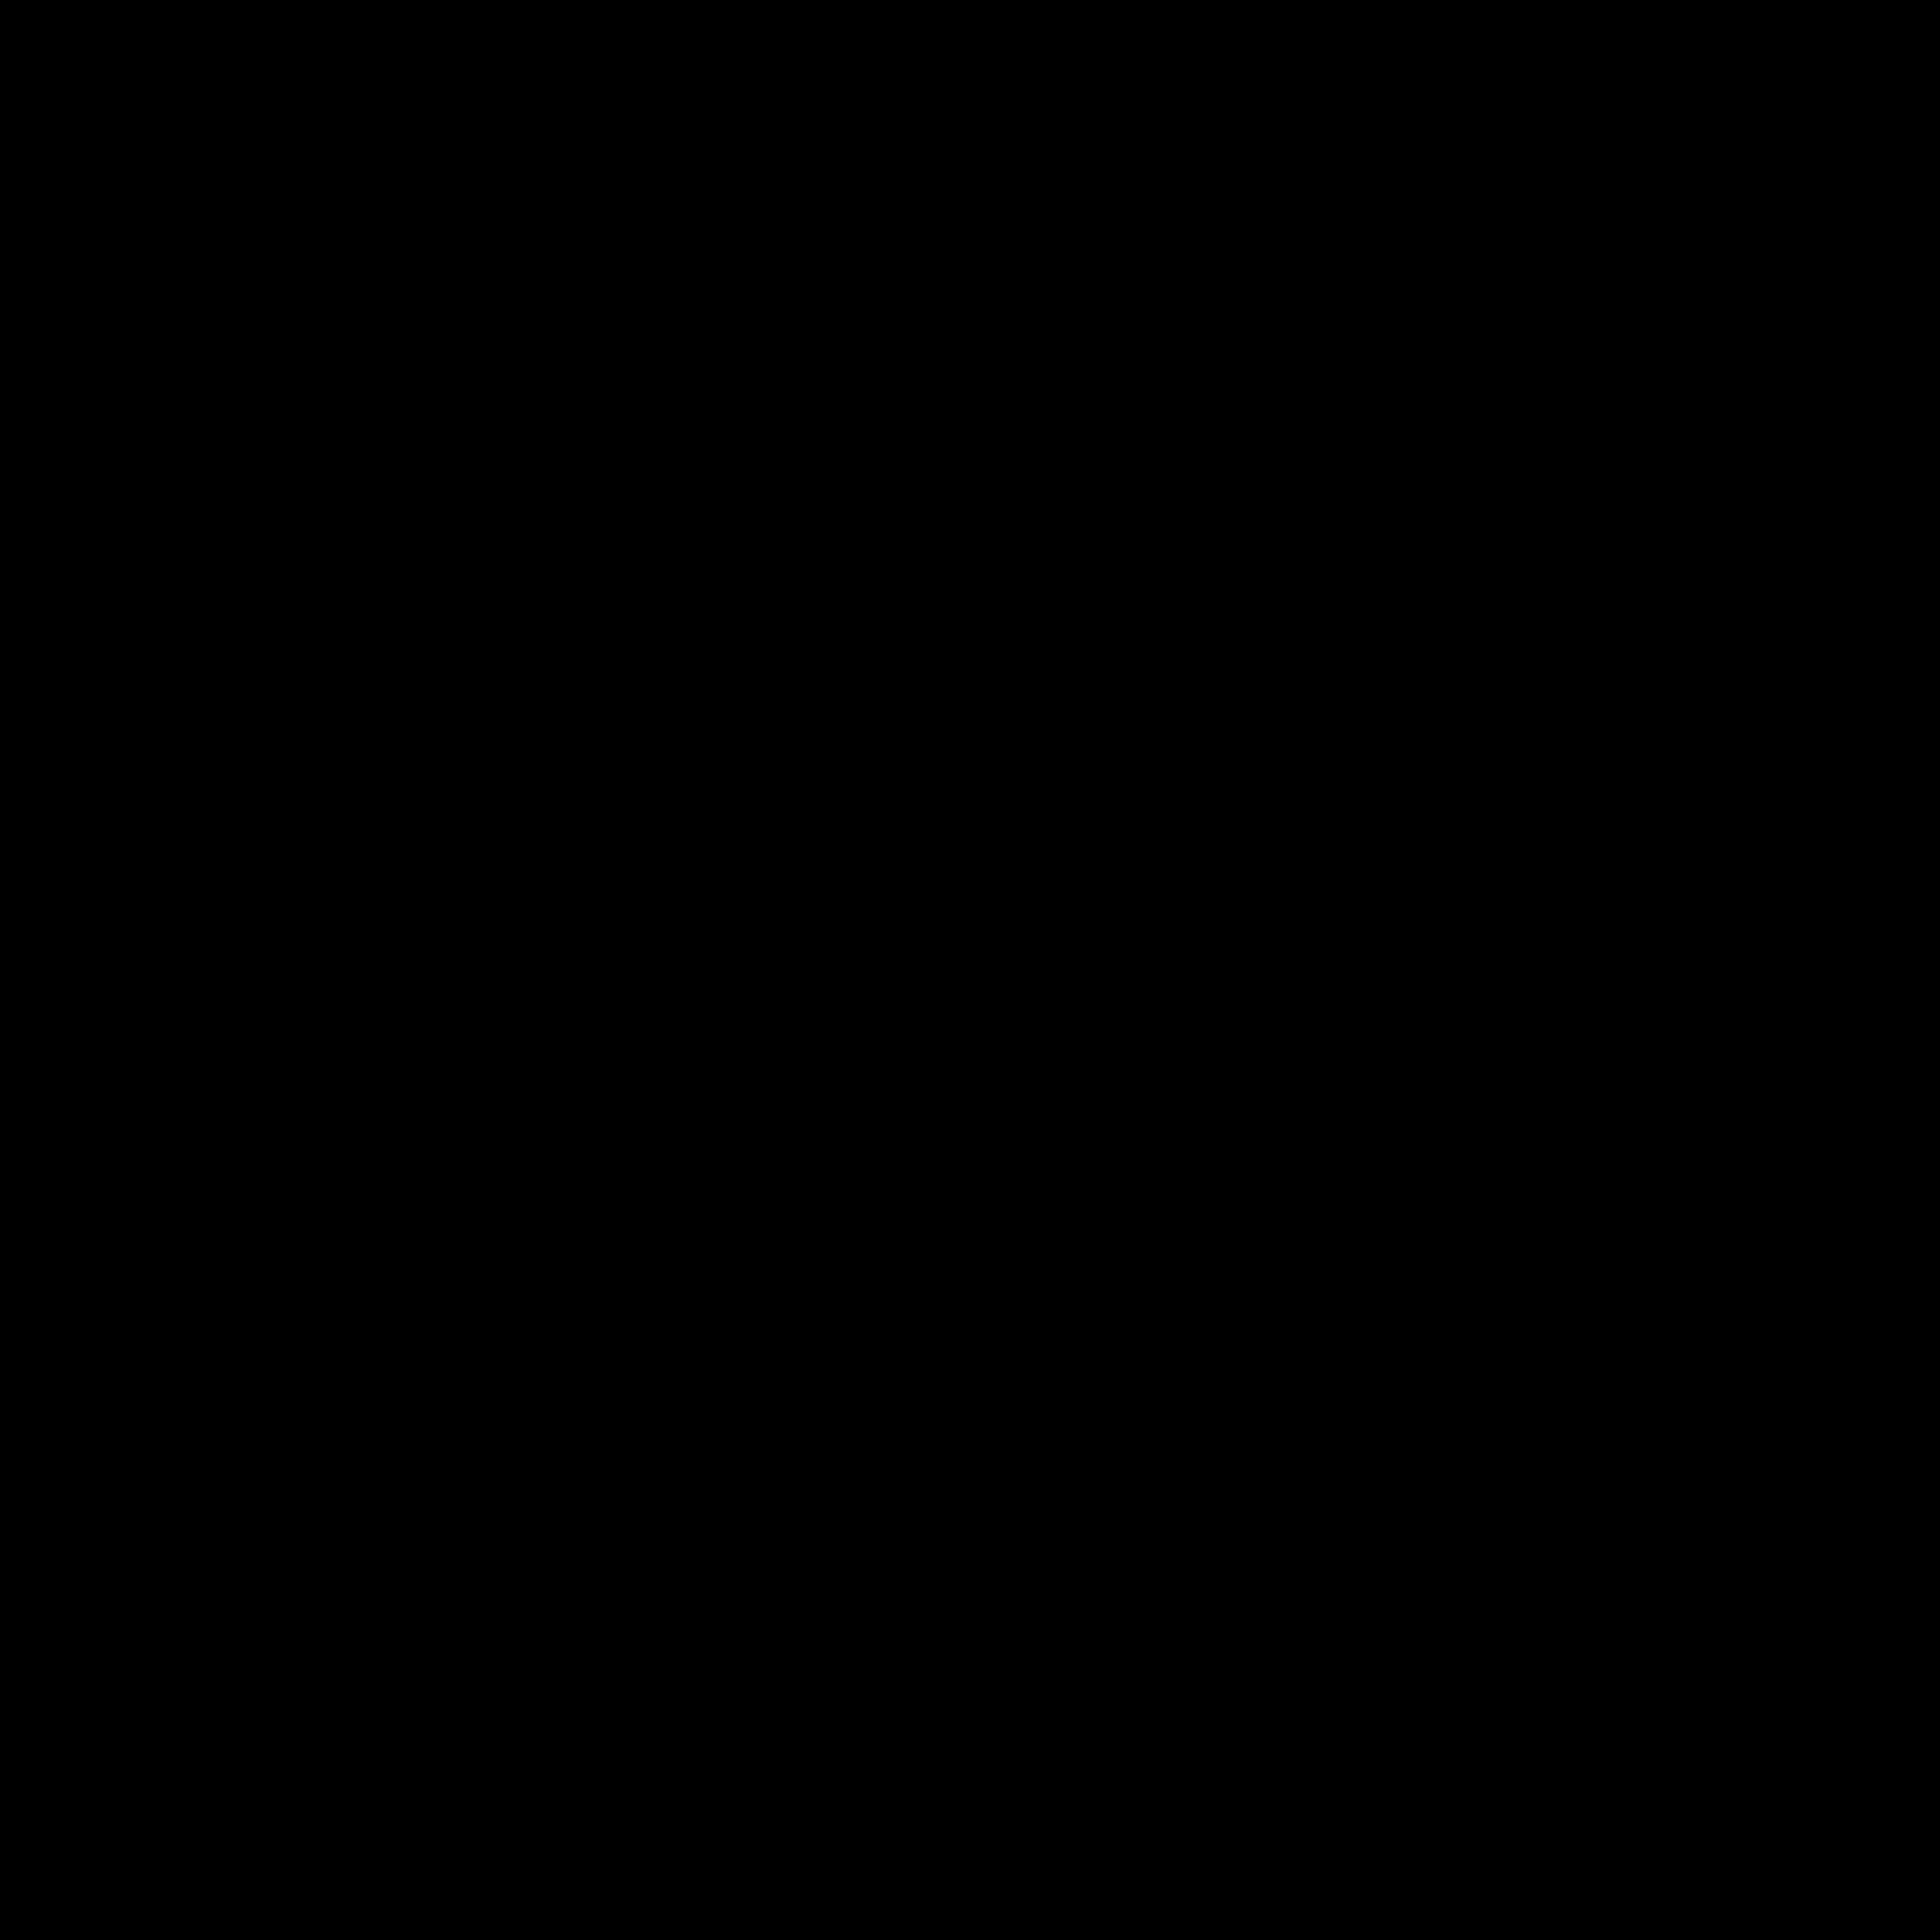 Promoção pneus aro 13/14 - 01/09/2021